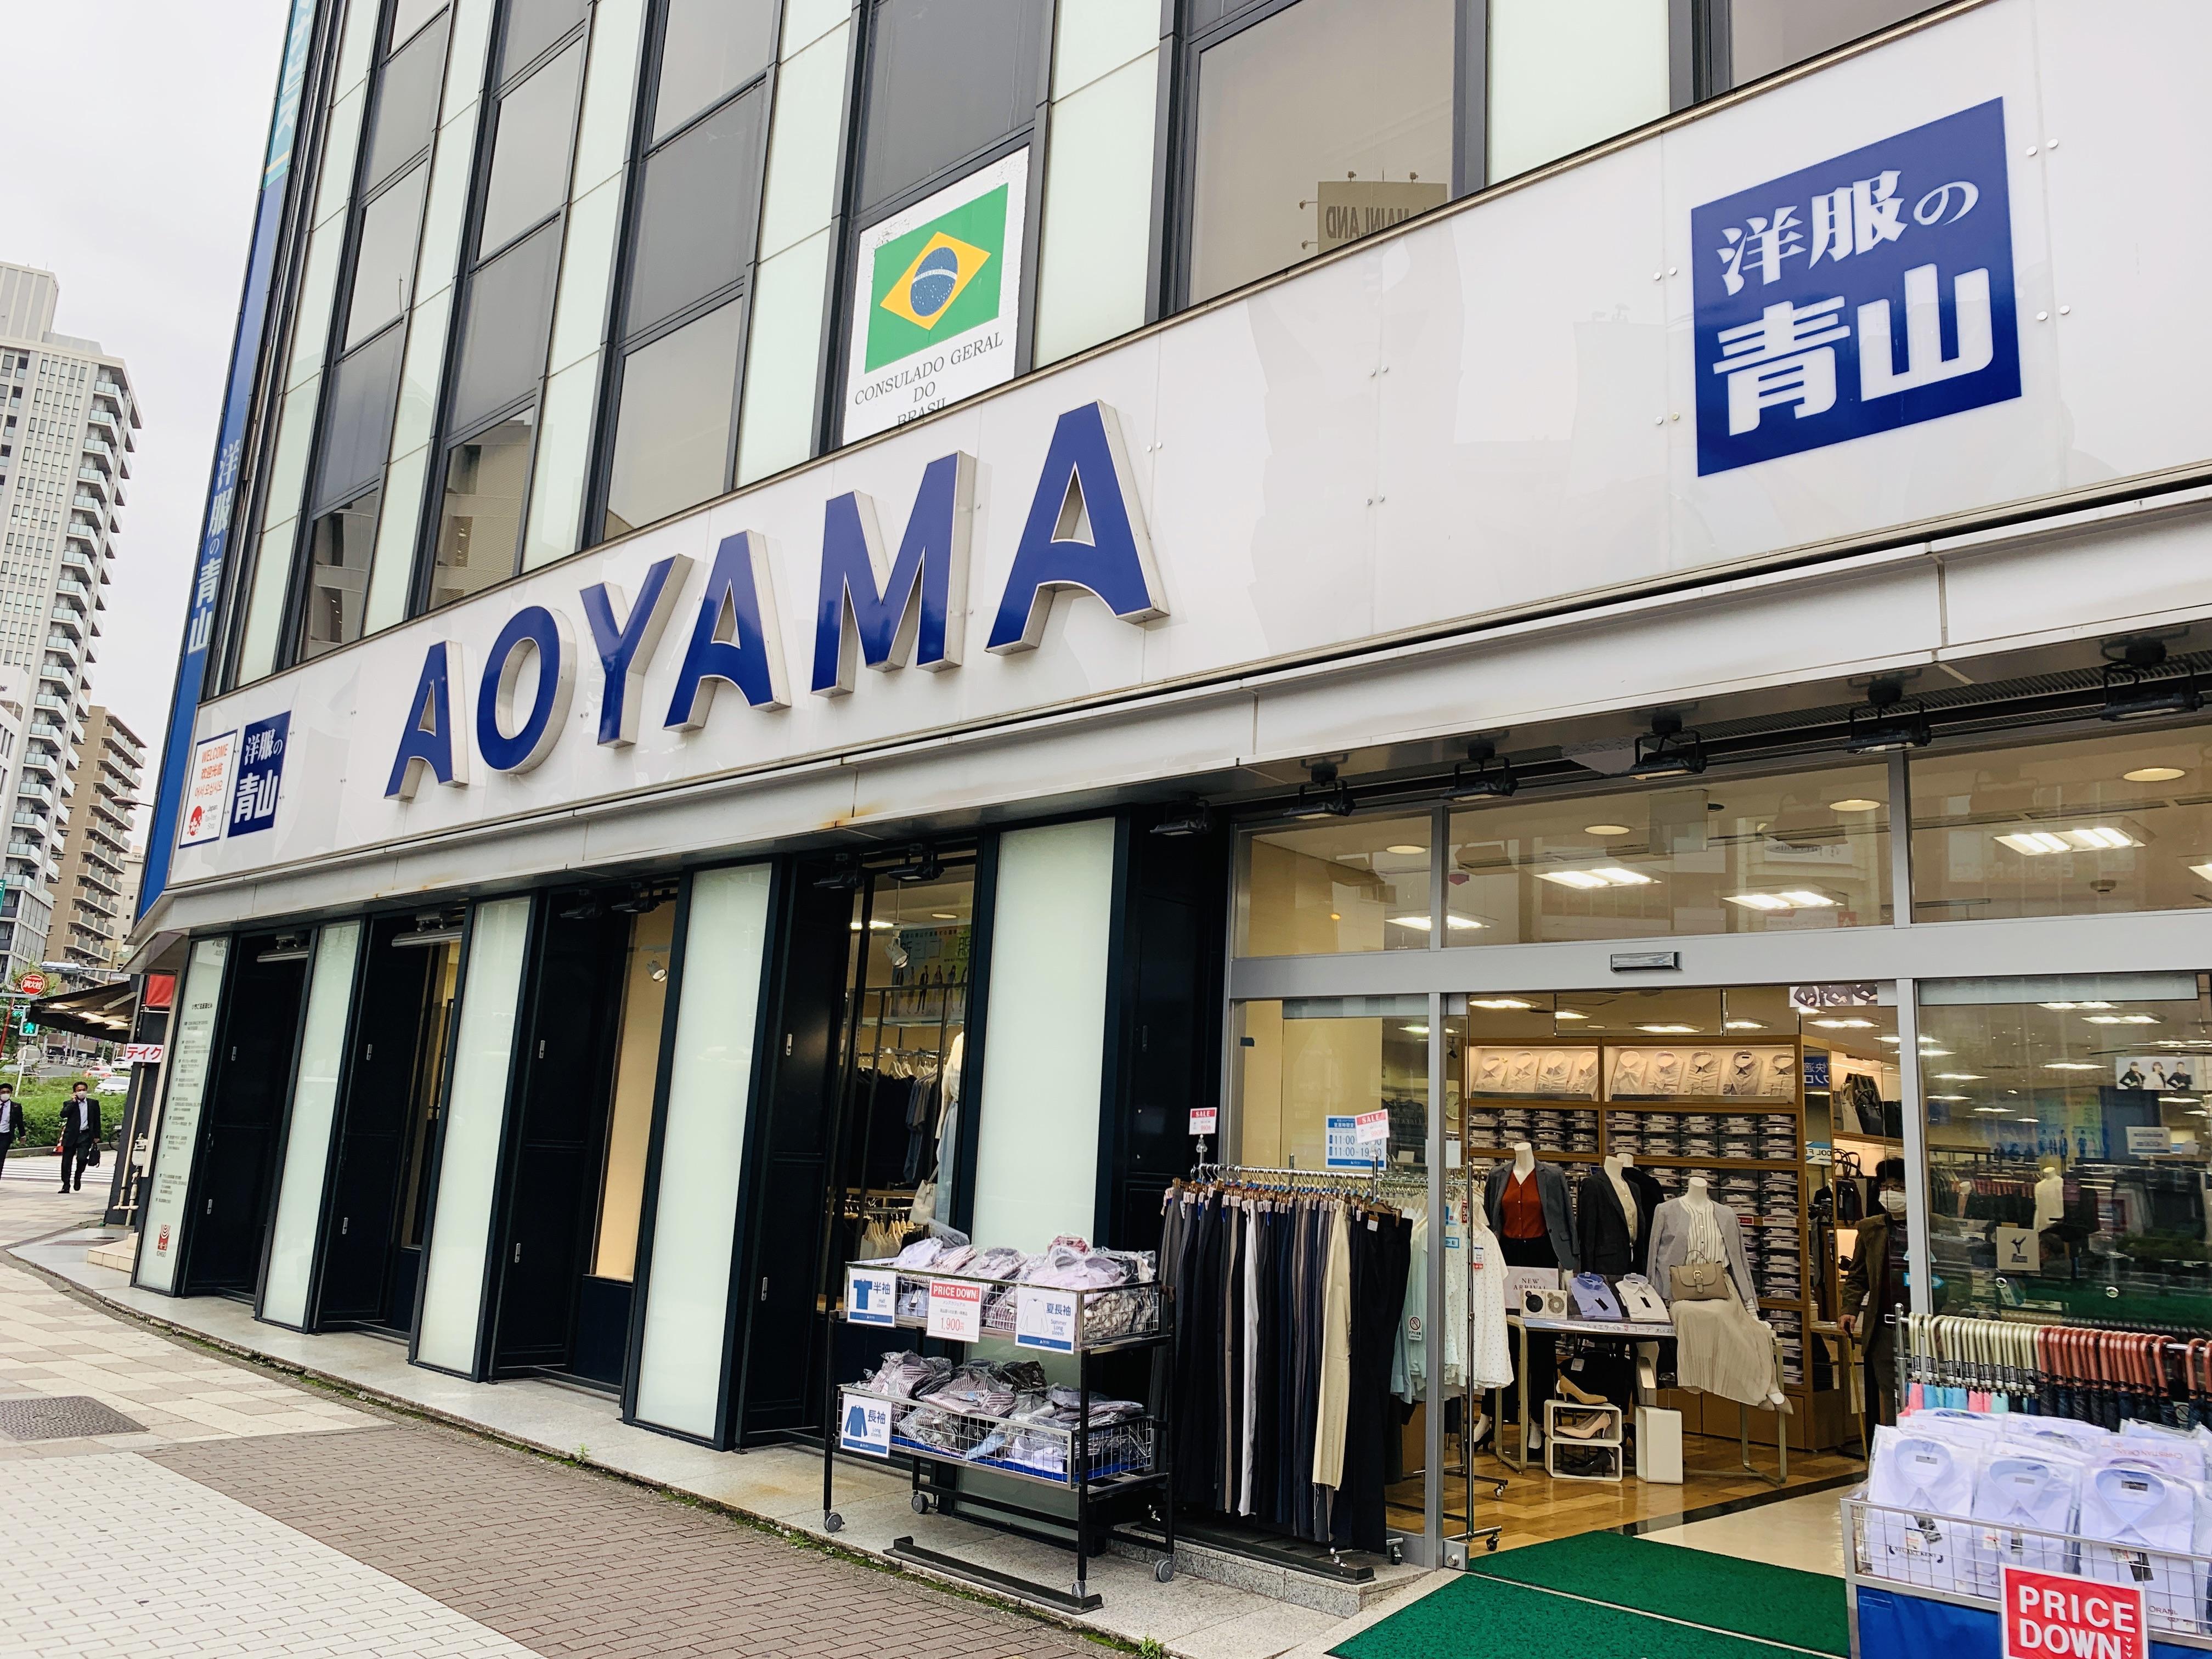 ☆施設(アオヤマ)